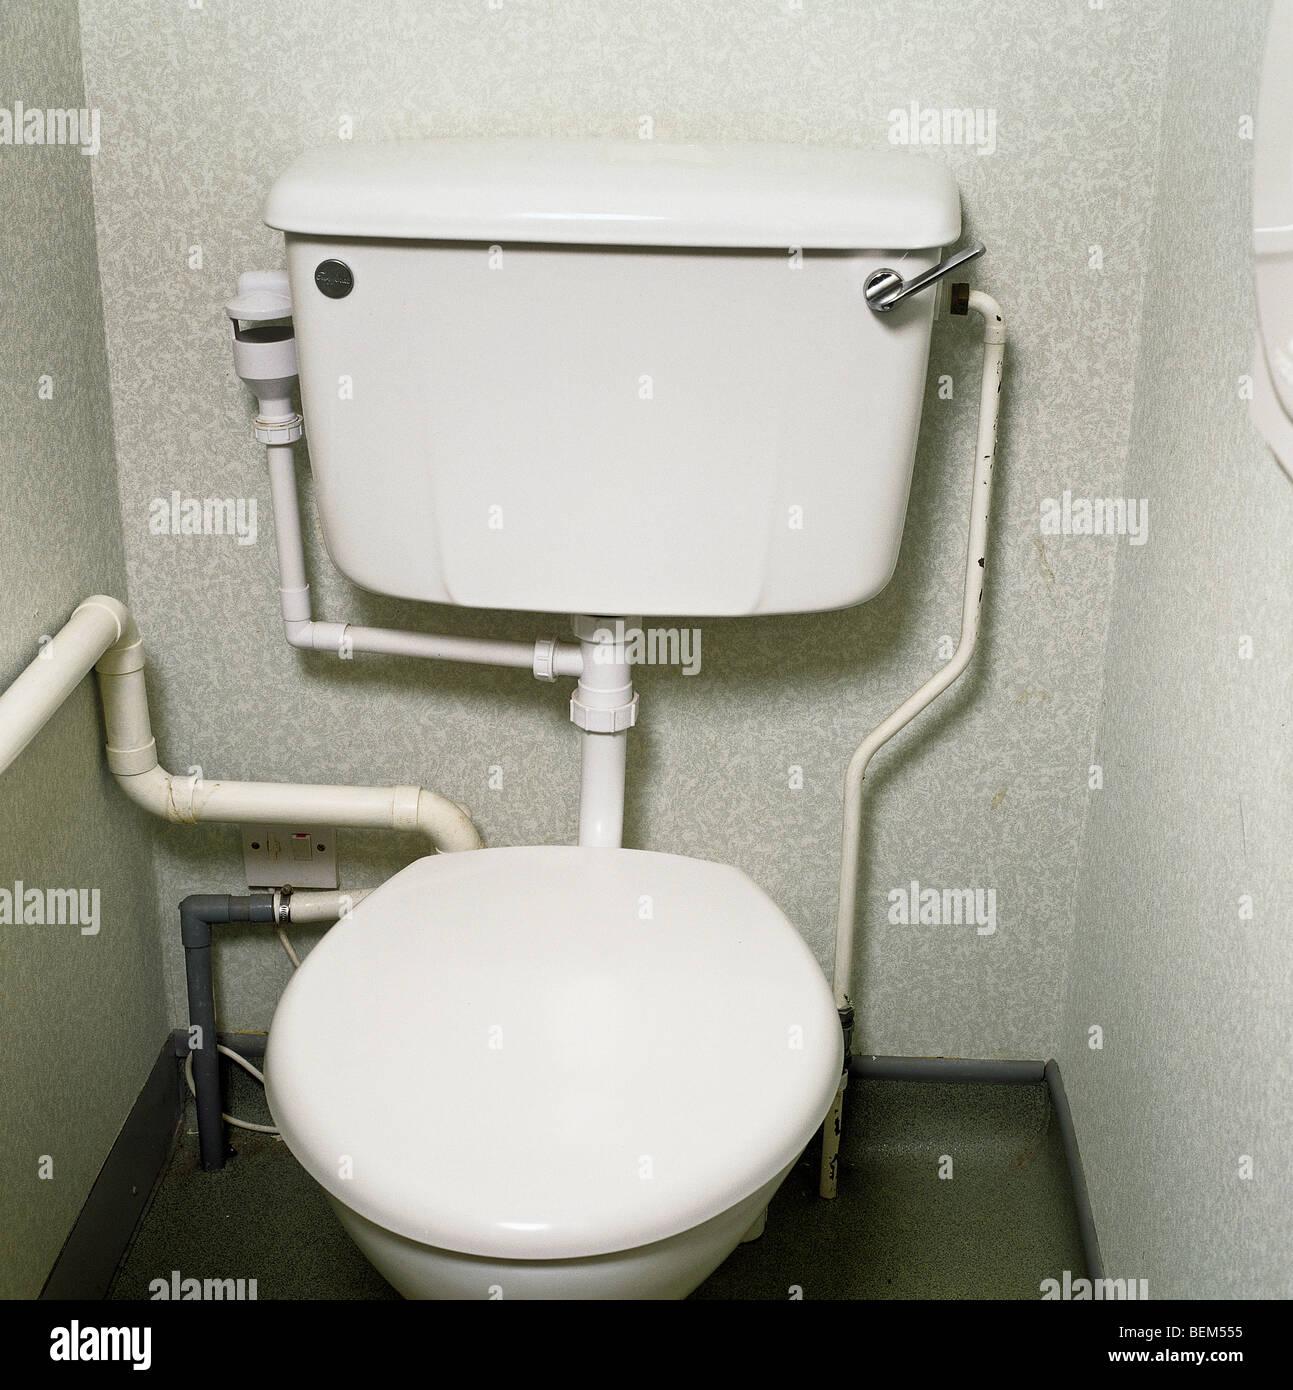 Squat Toilet Minimalist Bathroom: Old Toilet Cubicle Stock Photos & Old Toilet Cubicle Stock